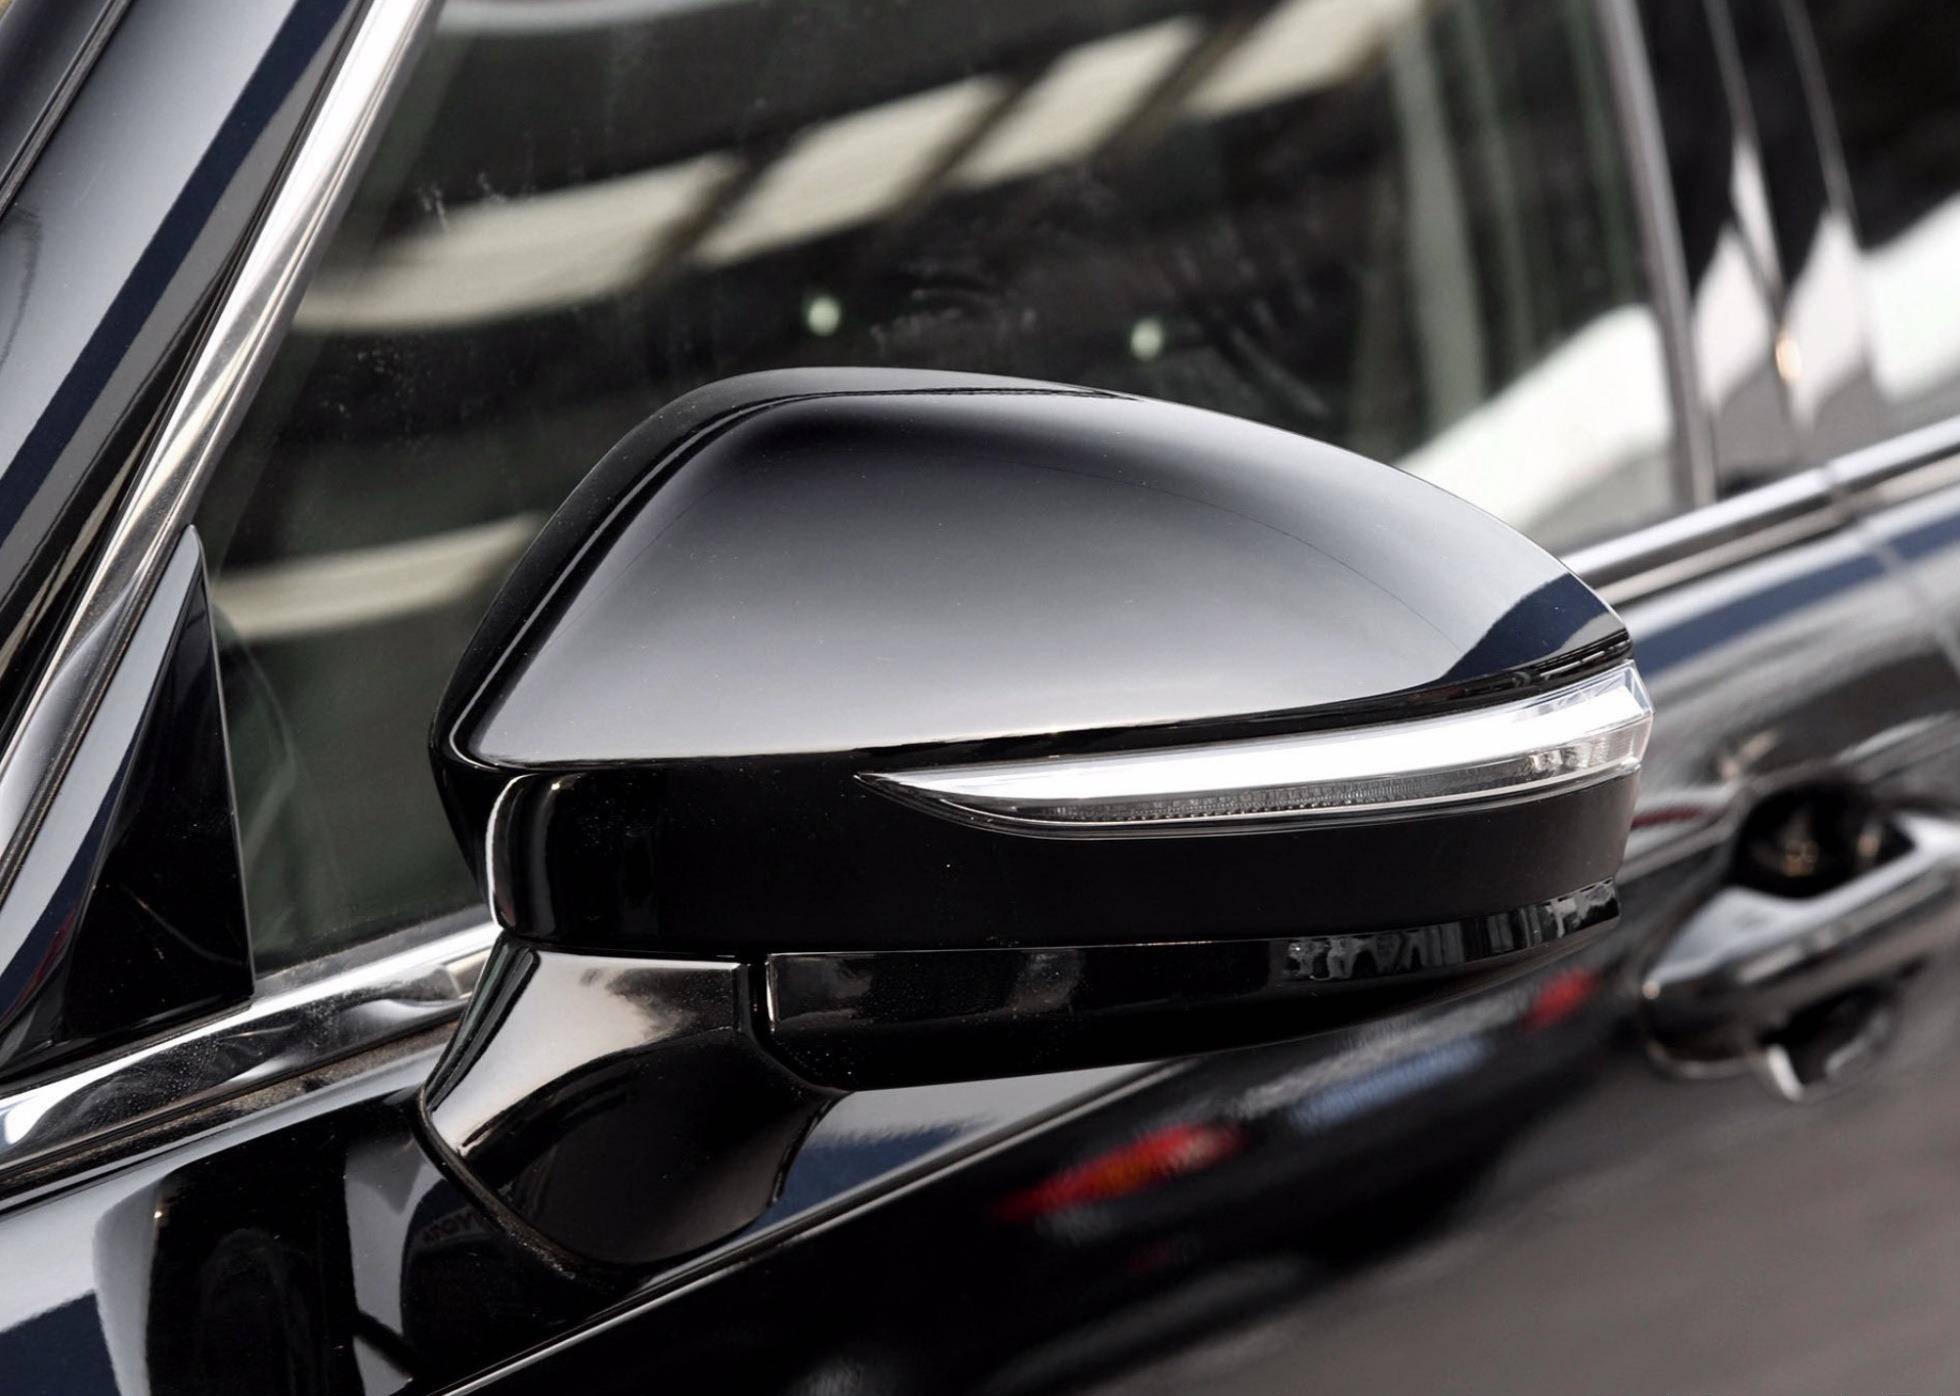 原来被忽视的丰田豪车,长度5米多,2.0T四缸8AT,油耗7L,25万